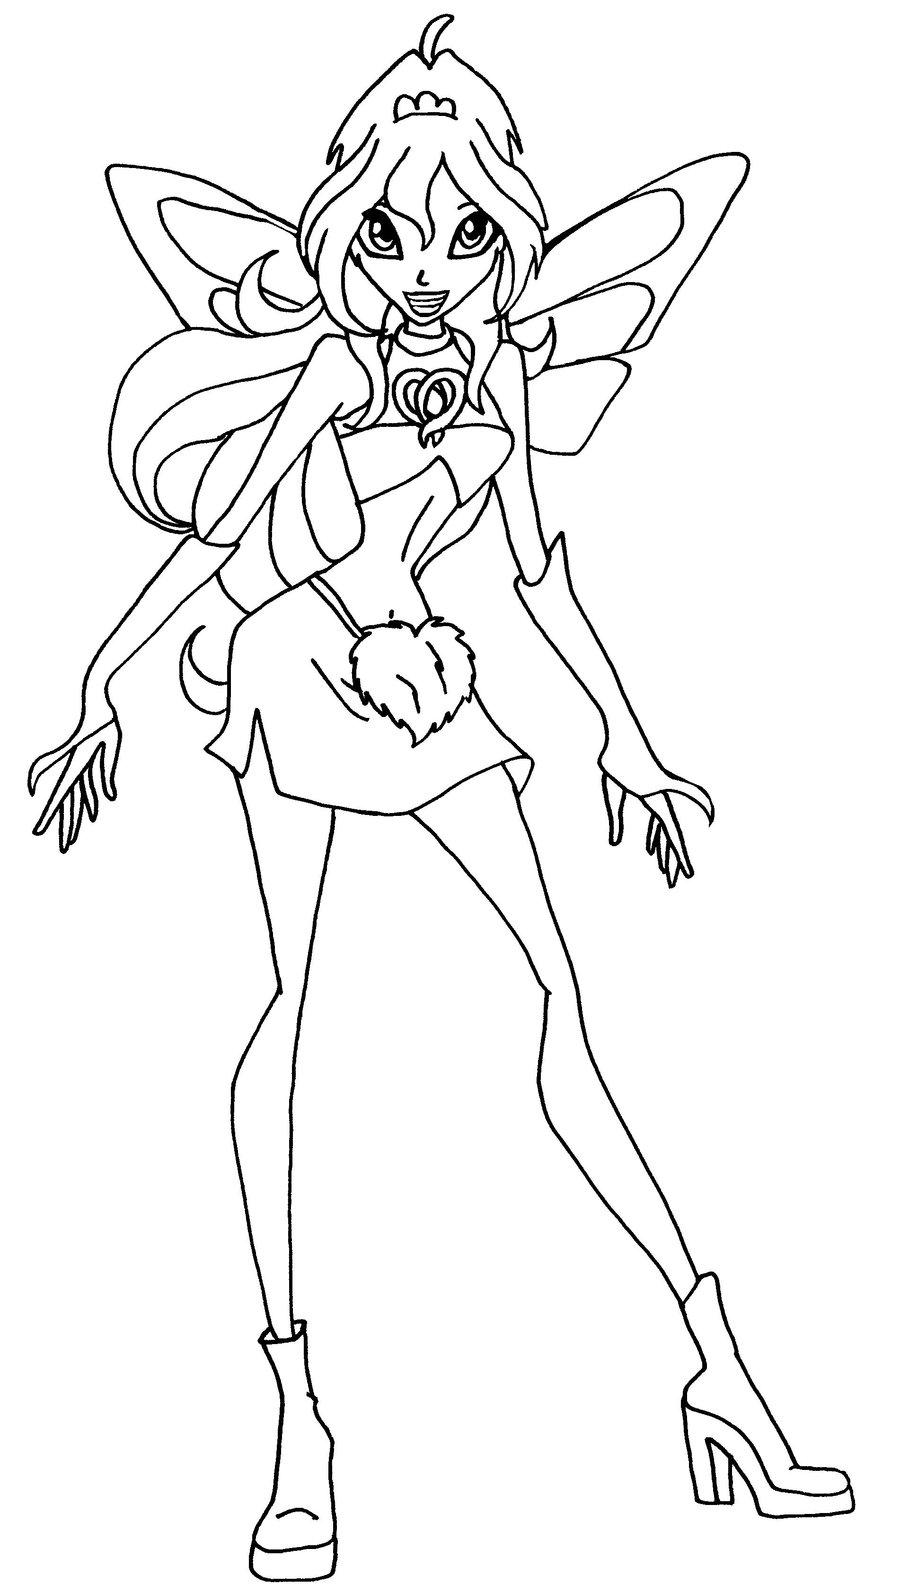 Hình tập tô công chúa phép thuật Winx cho bé